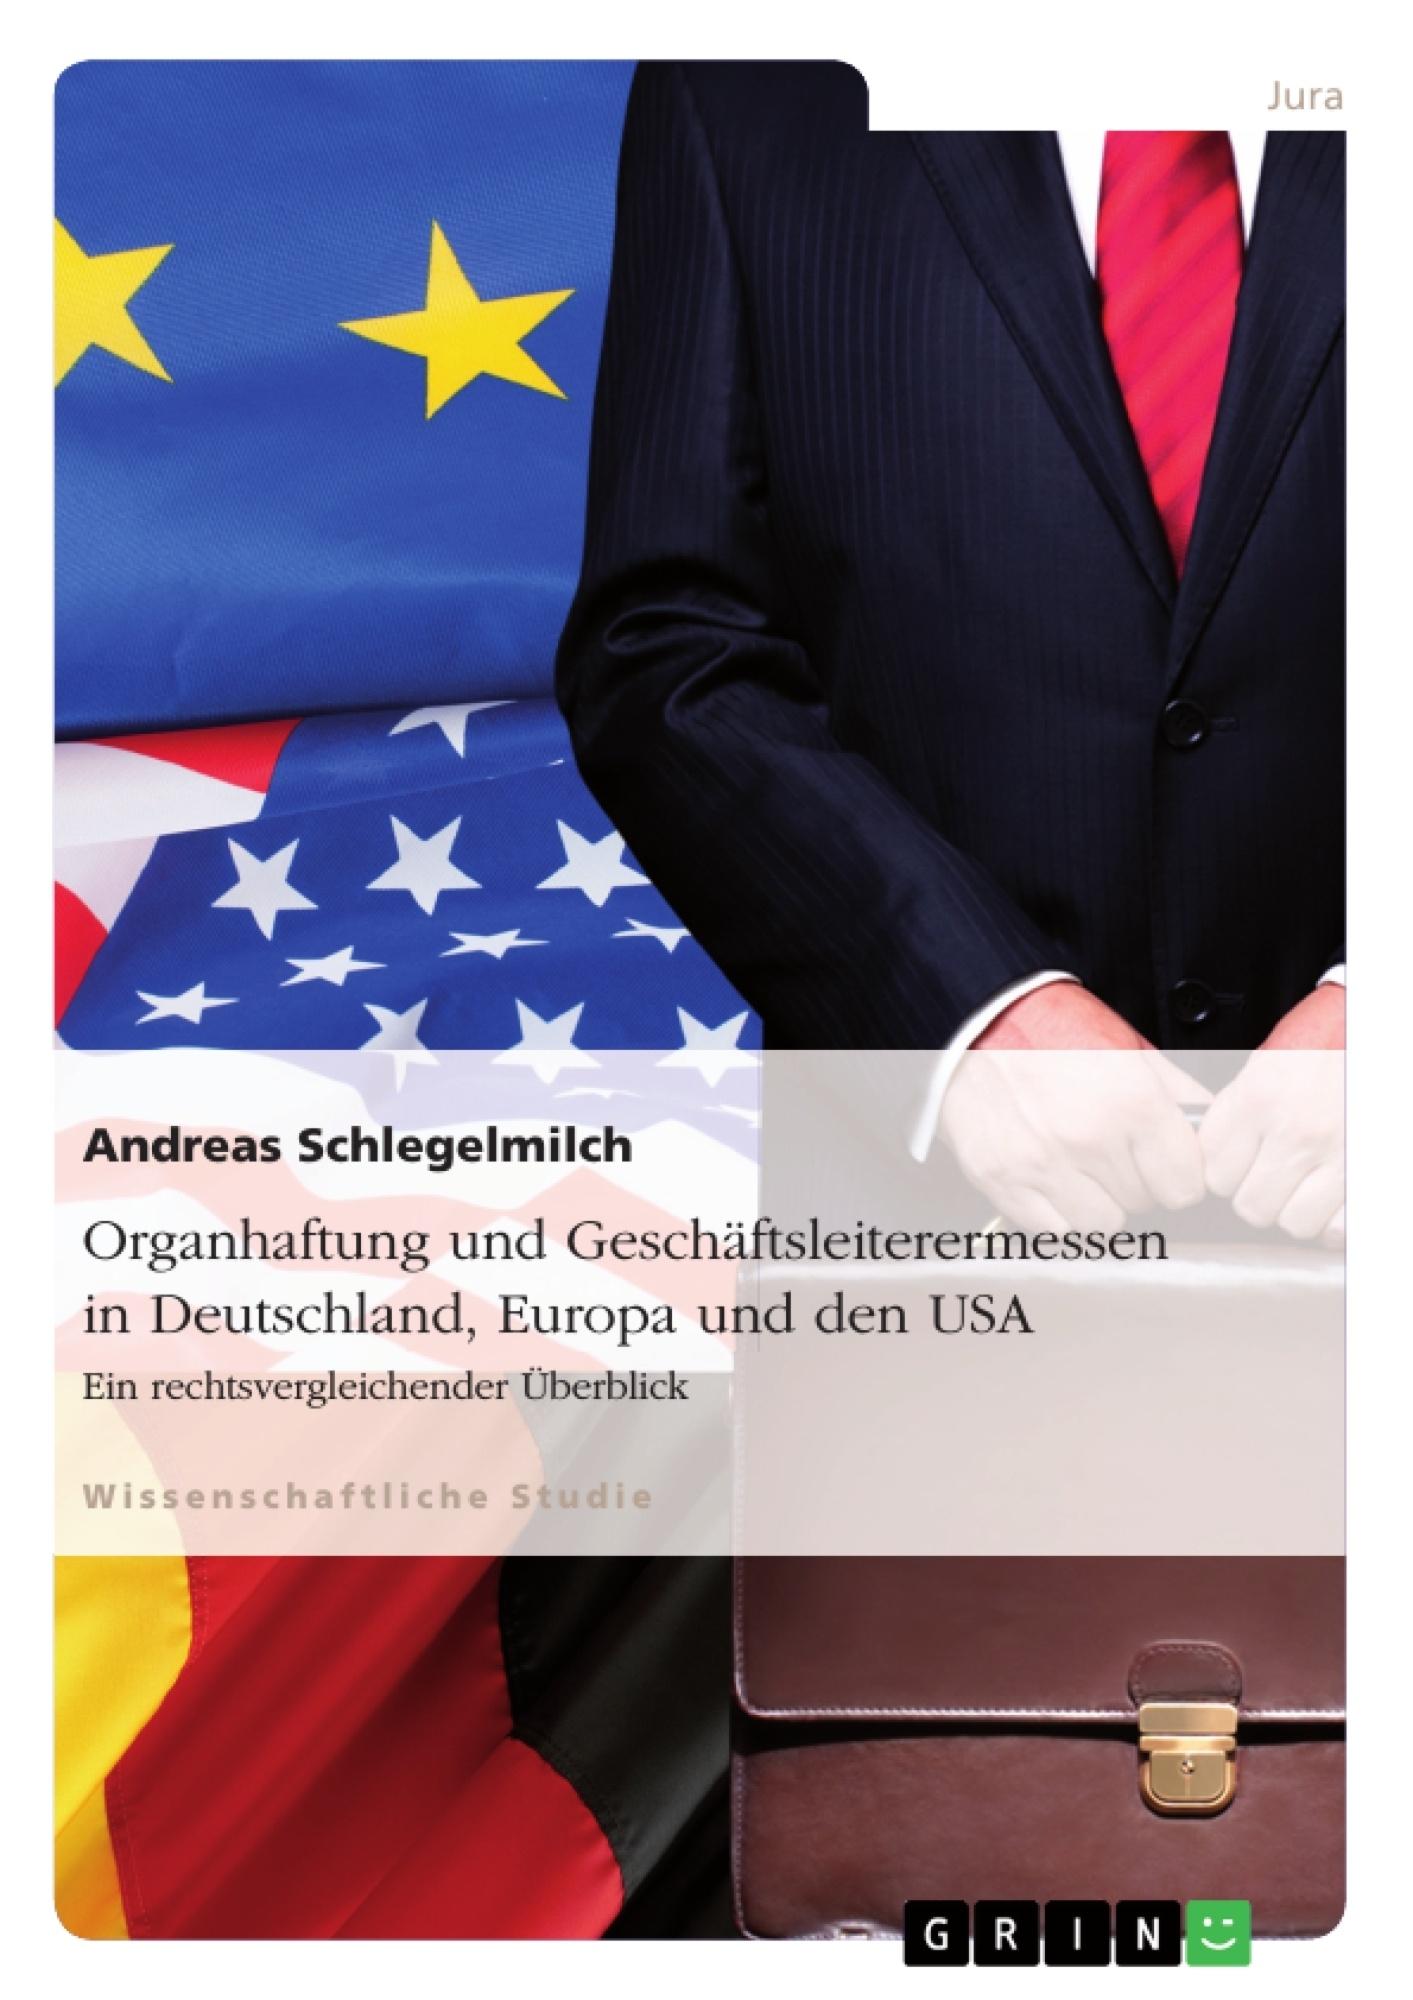 Titel: Organhaftung und Geschäftsleiterermessen in Deutschland, Europa und den USA